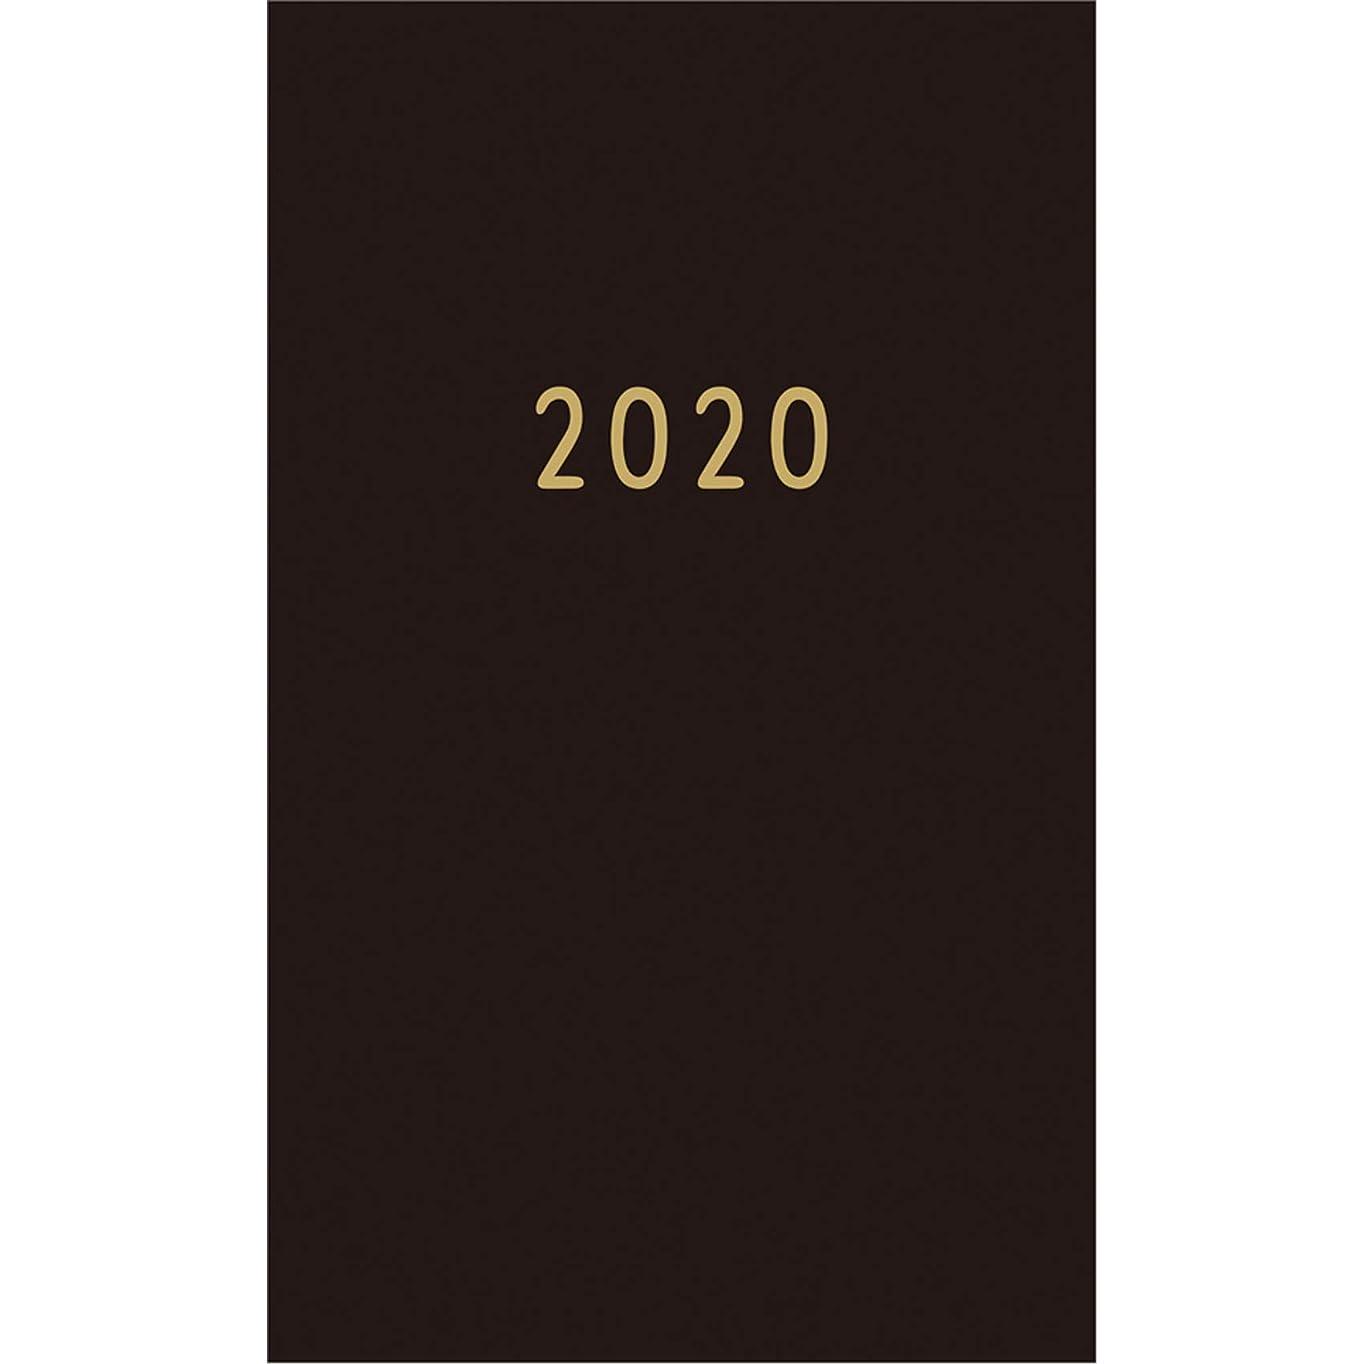 仮説暴徒掻くGreeting Life グリーティングライフ Noritake 手帳 2020年 19年12月始まり マンスリー B6 スリム ブラック CD-909-NT